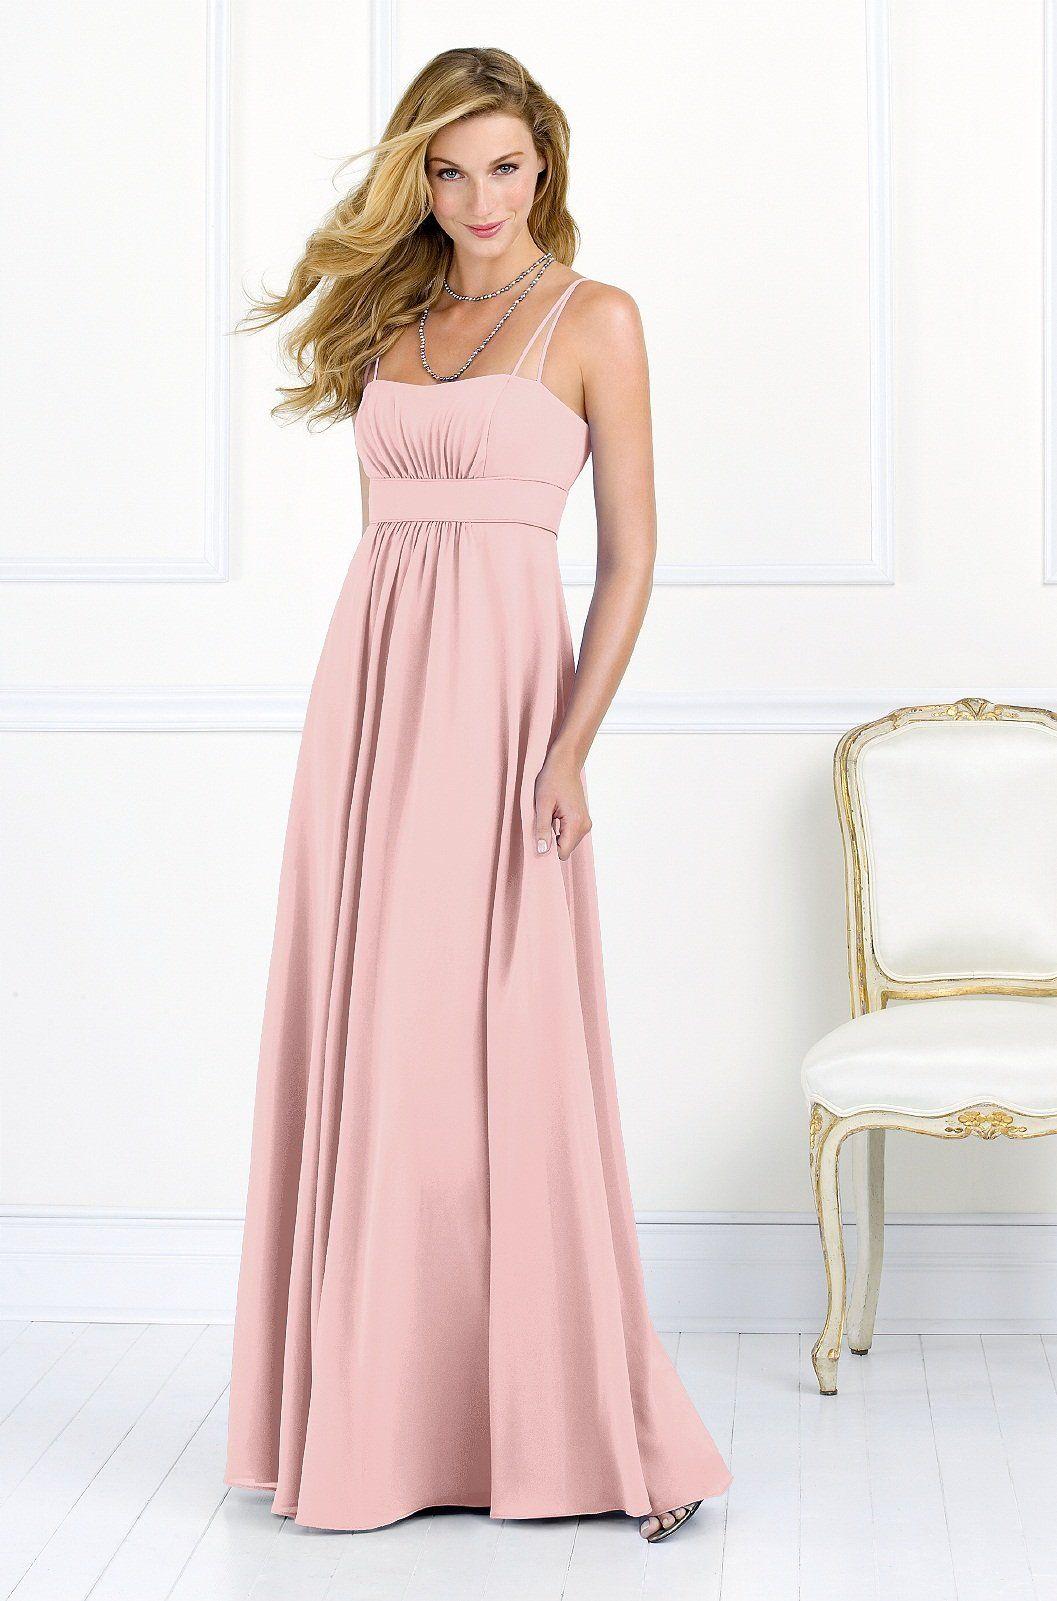 Hermosa Jlm Vestidos De Dama De Honor Ocasiones Inspiración ...